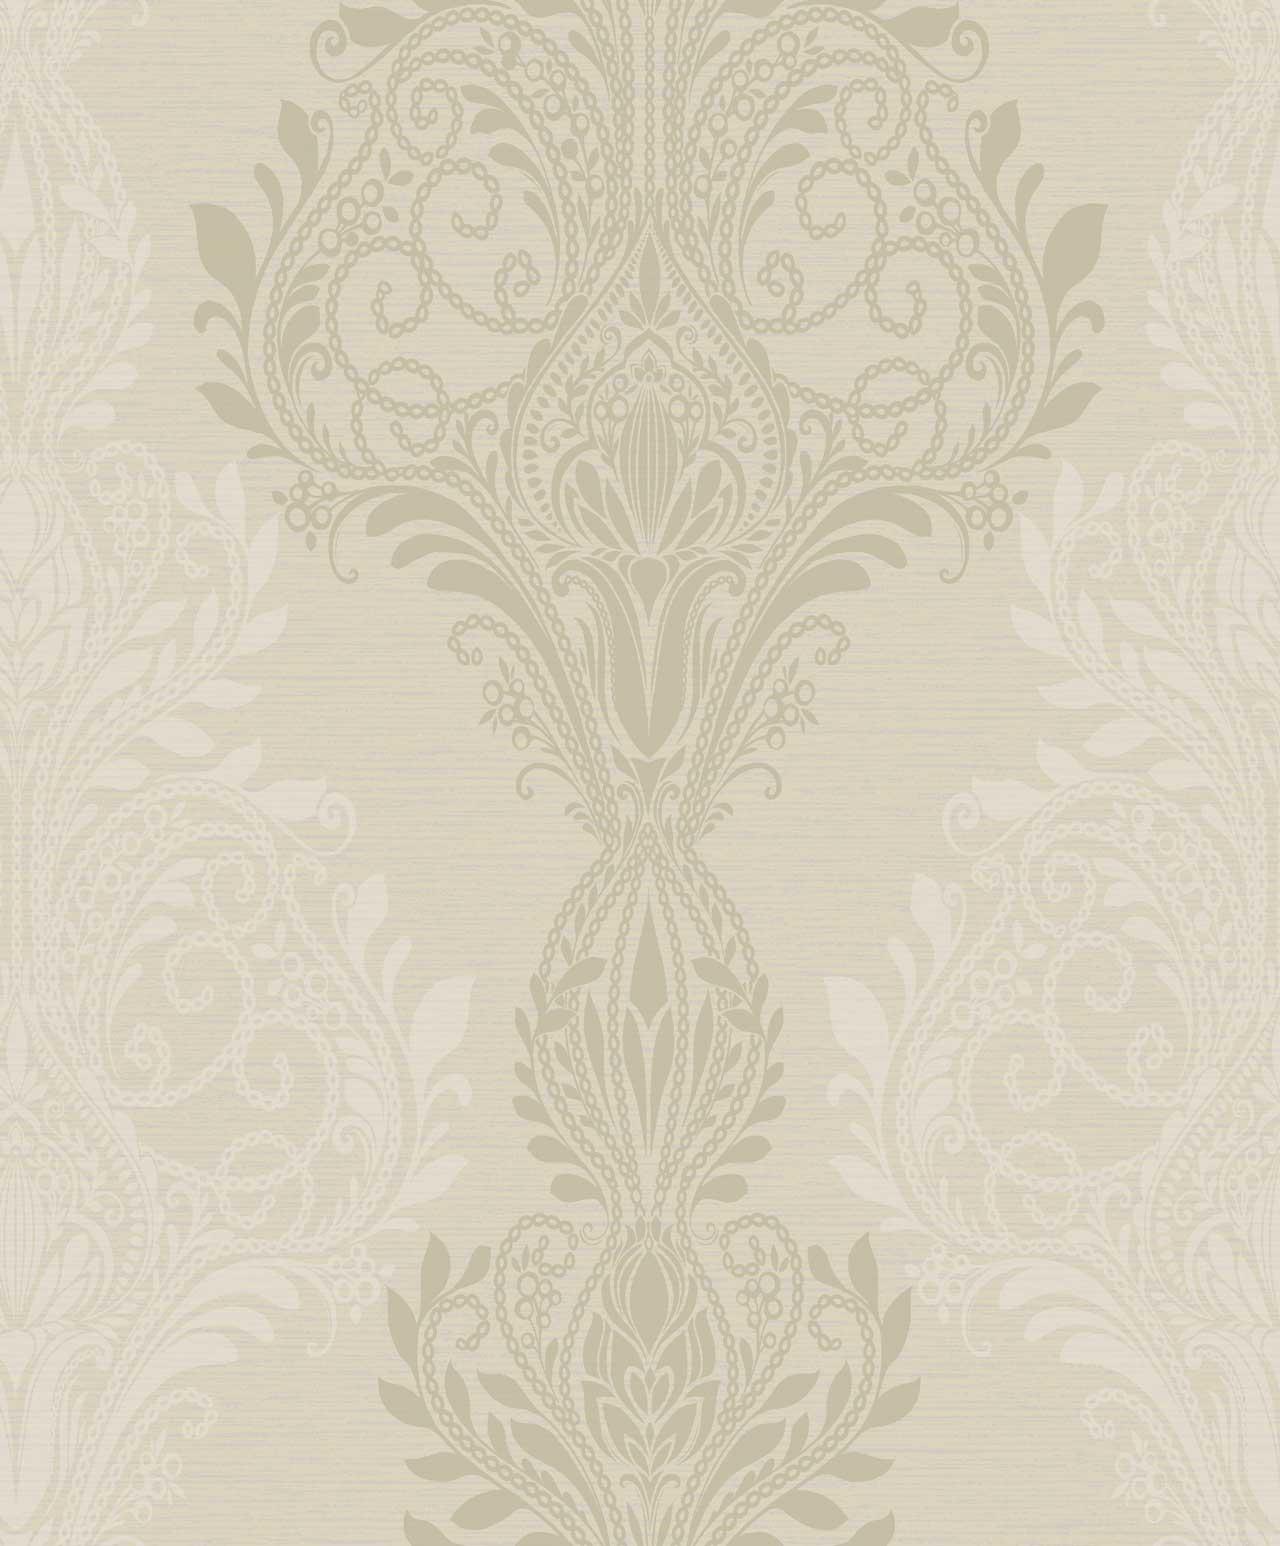 Sloan-Luxury-Wallpaper-SL00804-SLOANE-DAMASK